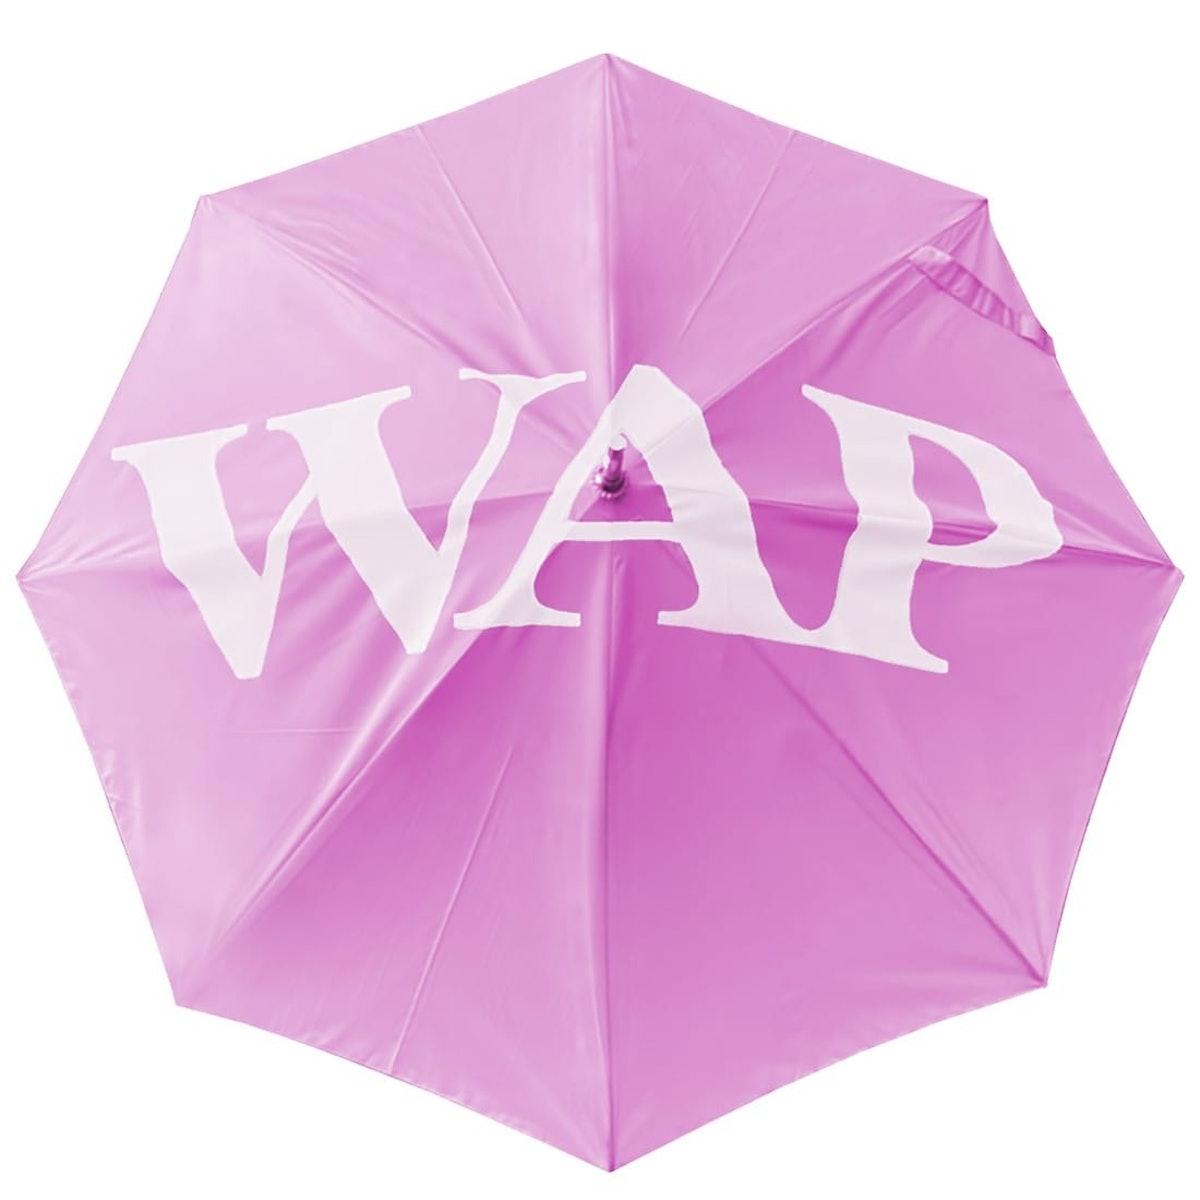 WAP Umbrella (Pink)